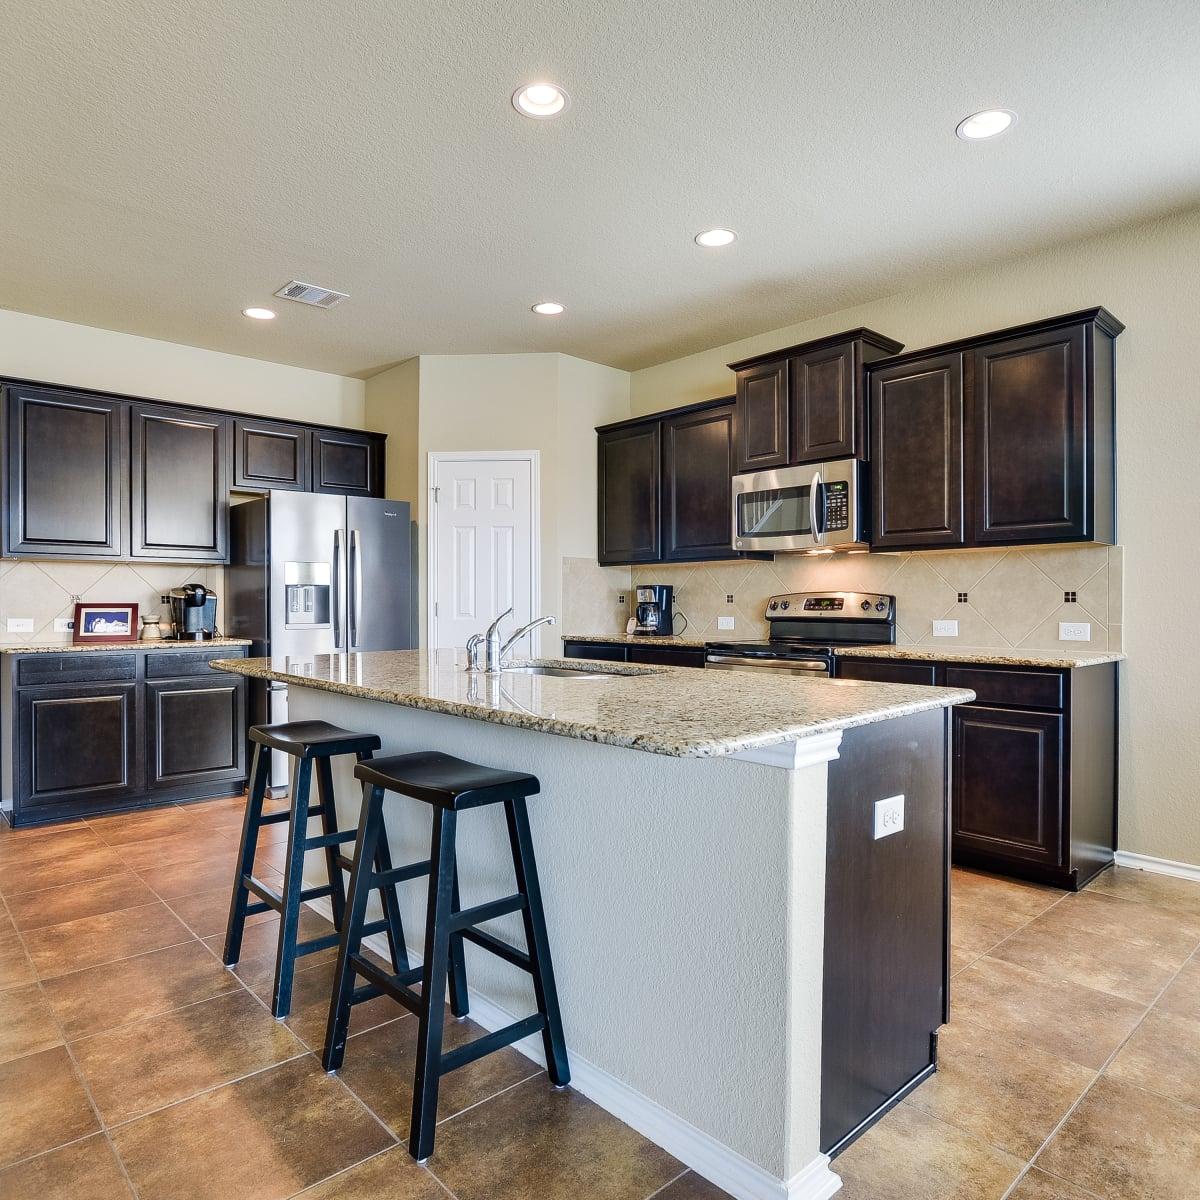 San Antonio house_10338 Floore Hollow